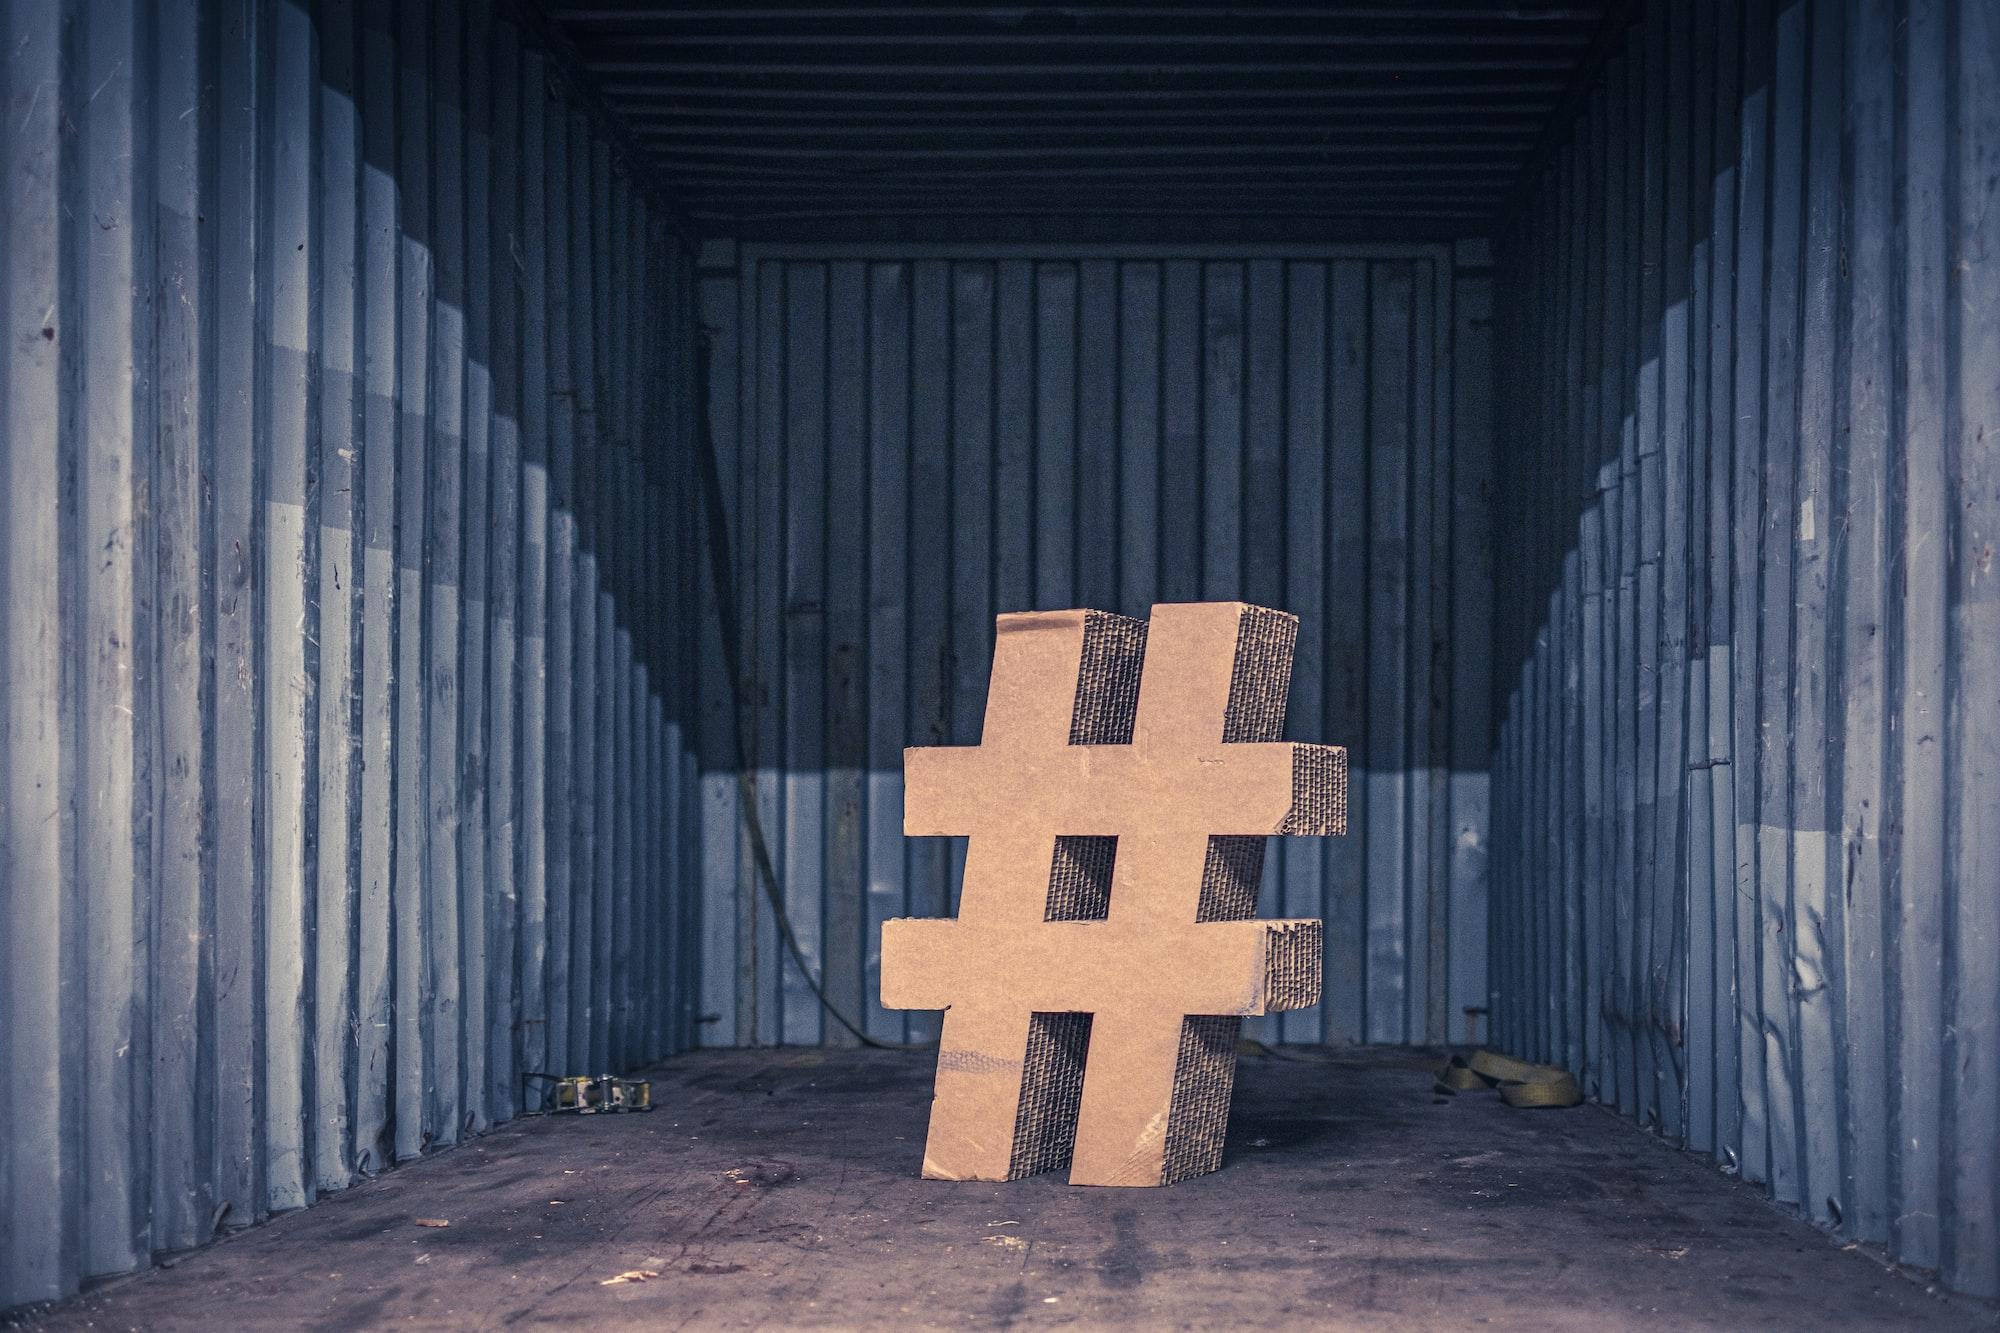 Hashtag, à prendre ou à laisser ?